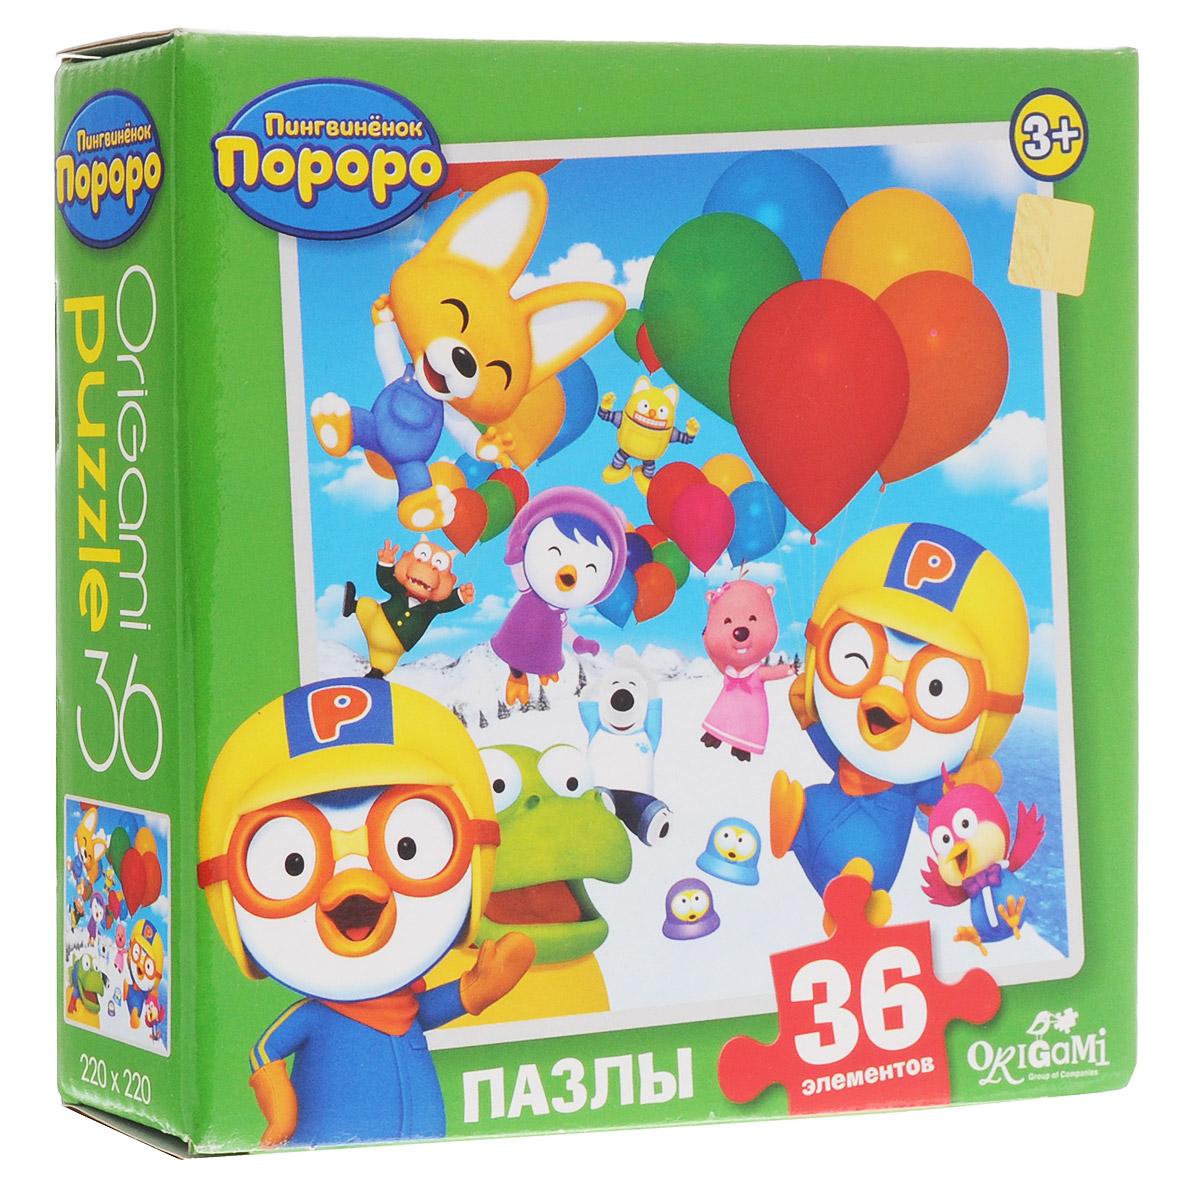 Оригами Пазл для малышей Пингвиненок Пороро Шарики